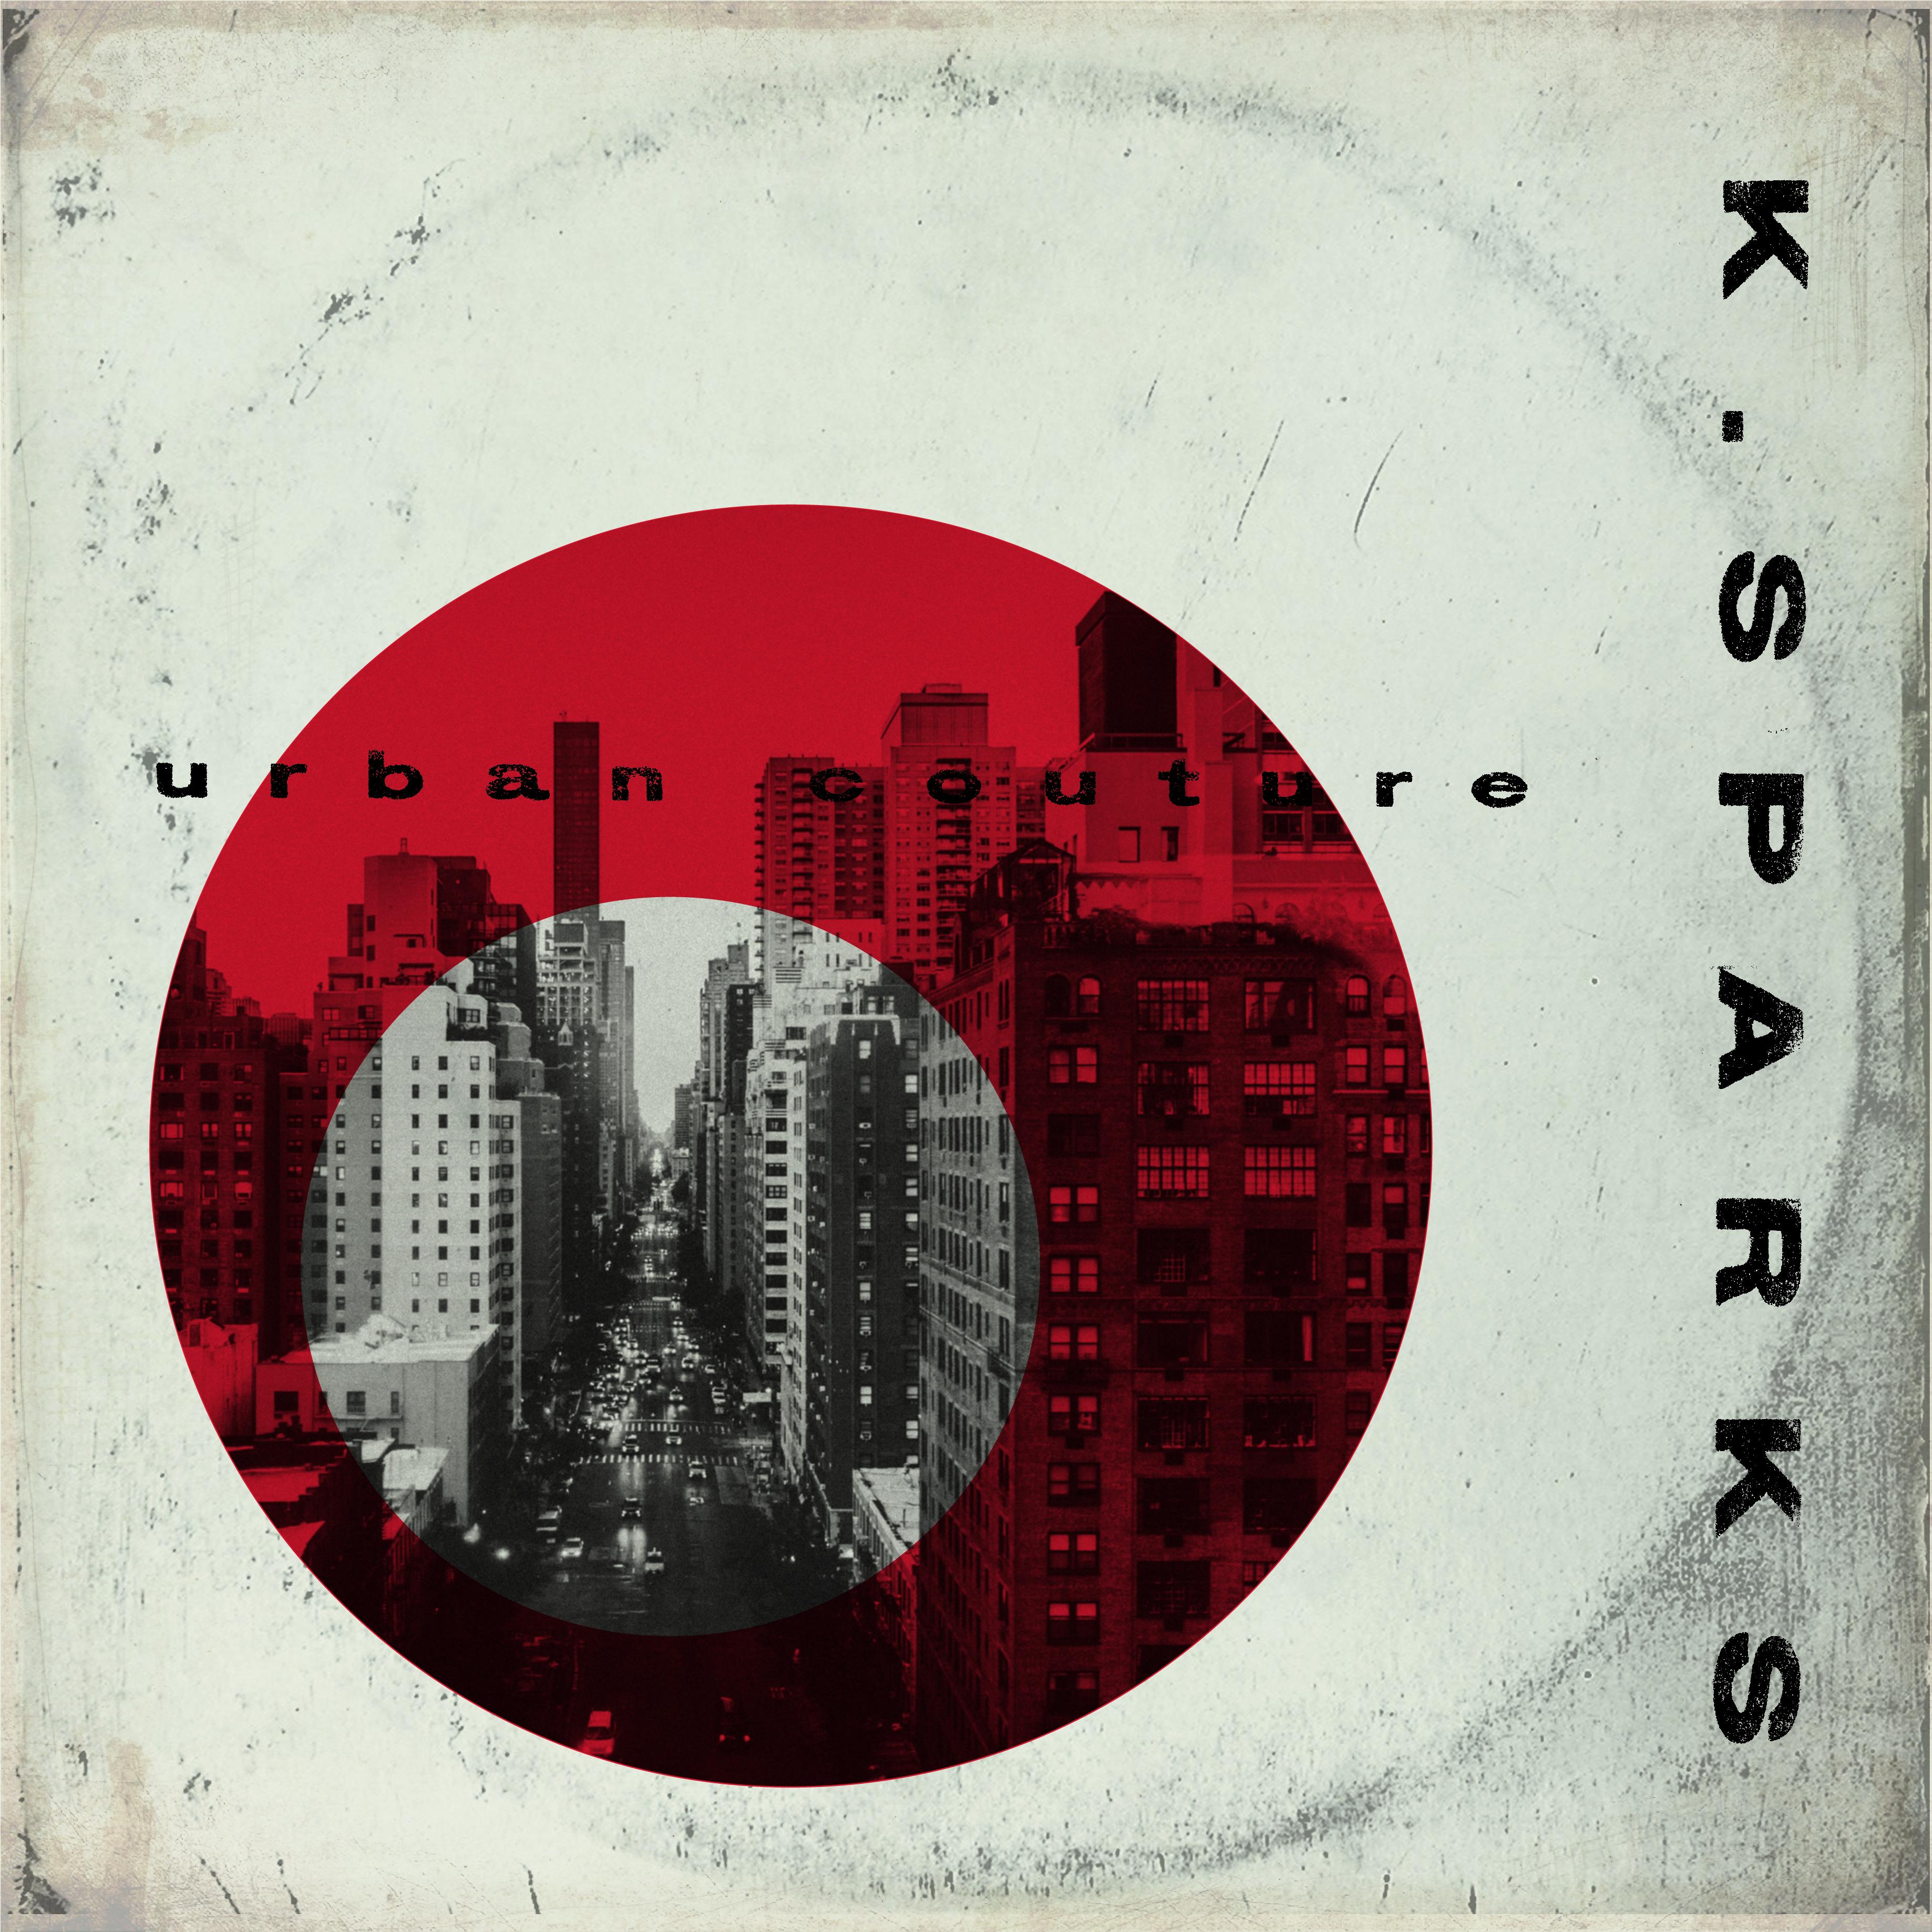 K. Sparks - Strip 4 Me (Prod. By Es-K & K. Sparks) [audio]